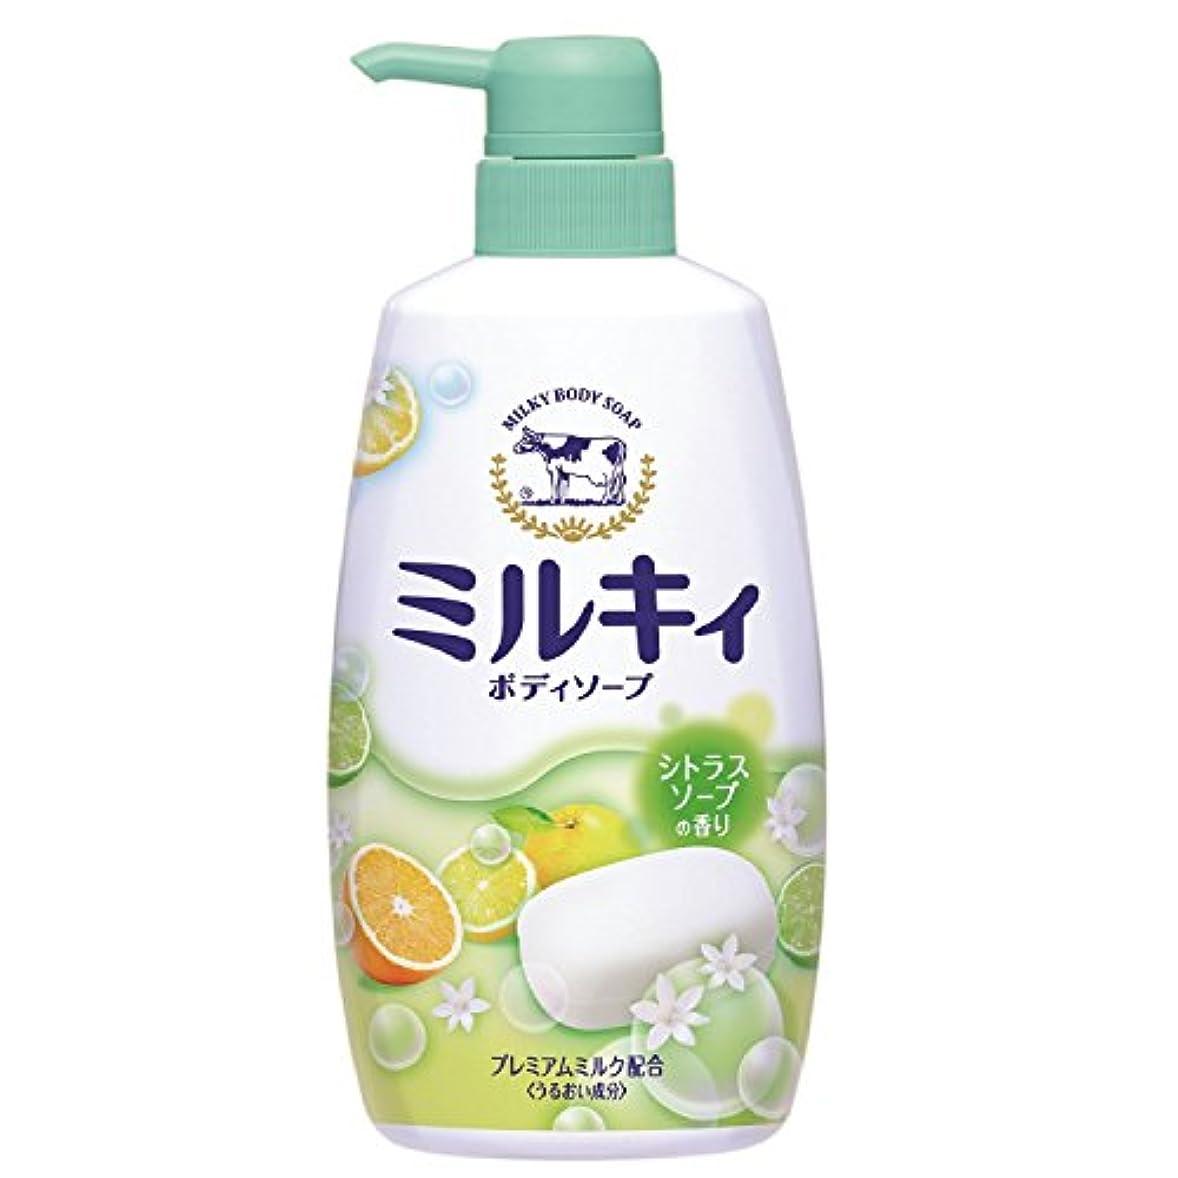 つかの間遵守するベッドミルキィボディソープシトラスソープの香り ポンプ  550mL